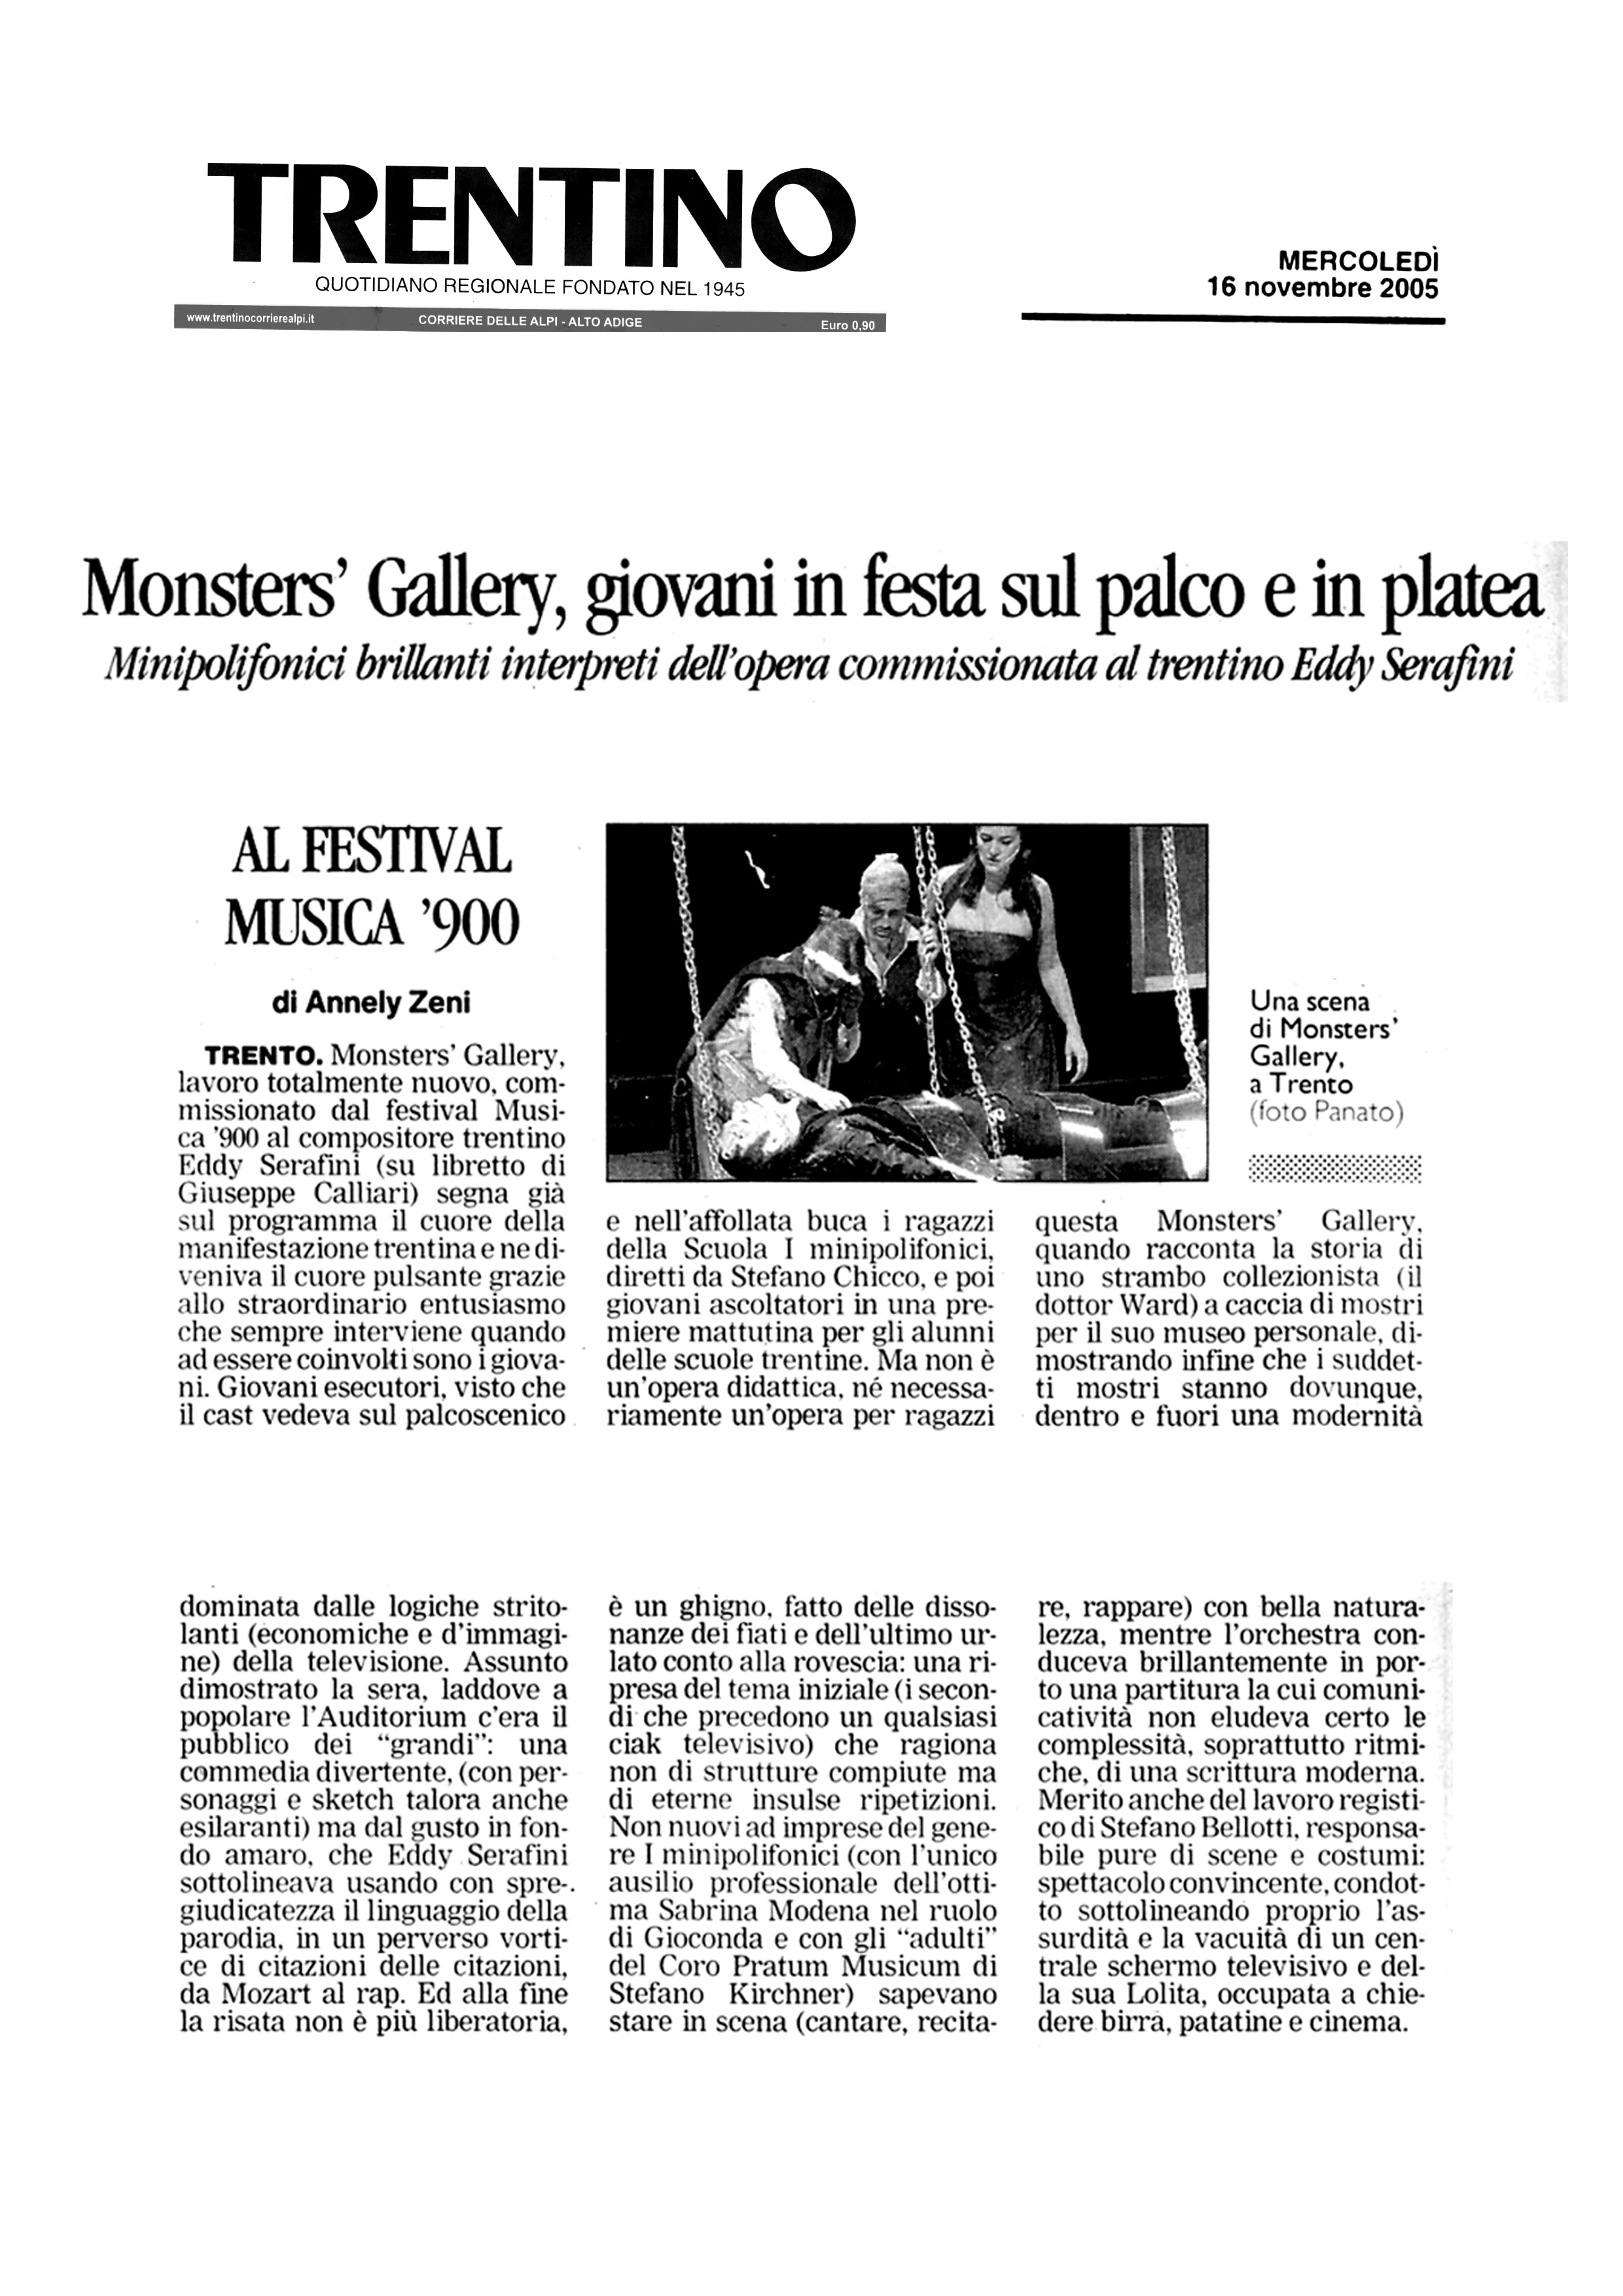 Monster's Gallery, giovani in festa sul palco e in platea – Trentino – 16/11/2005